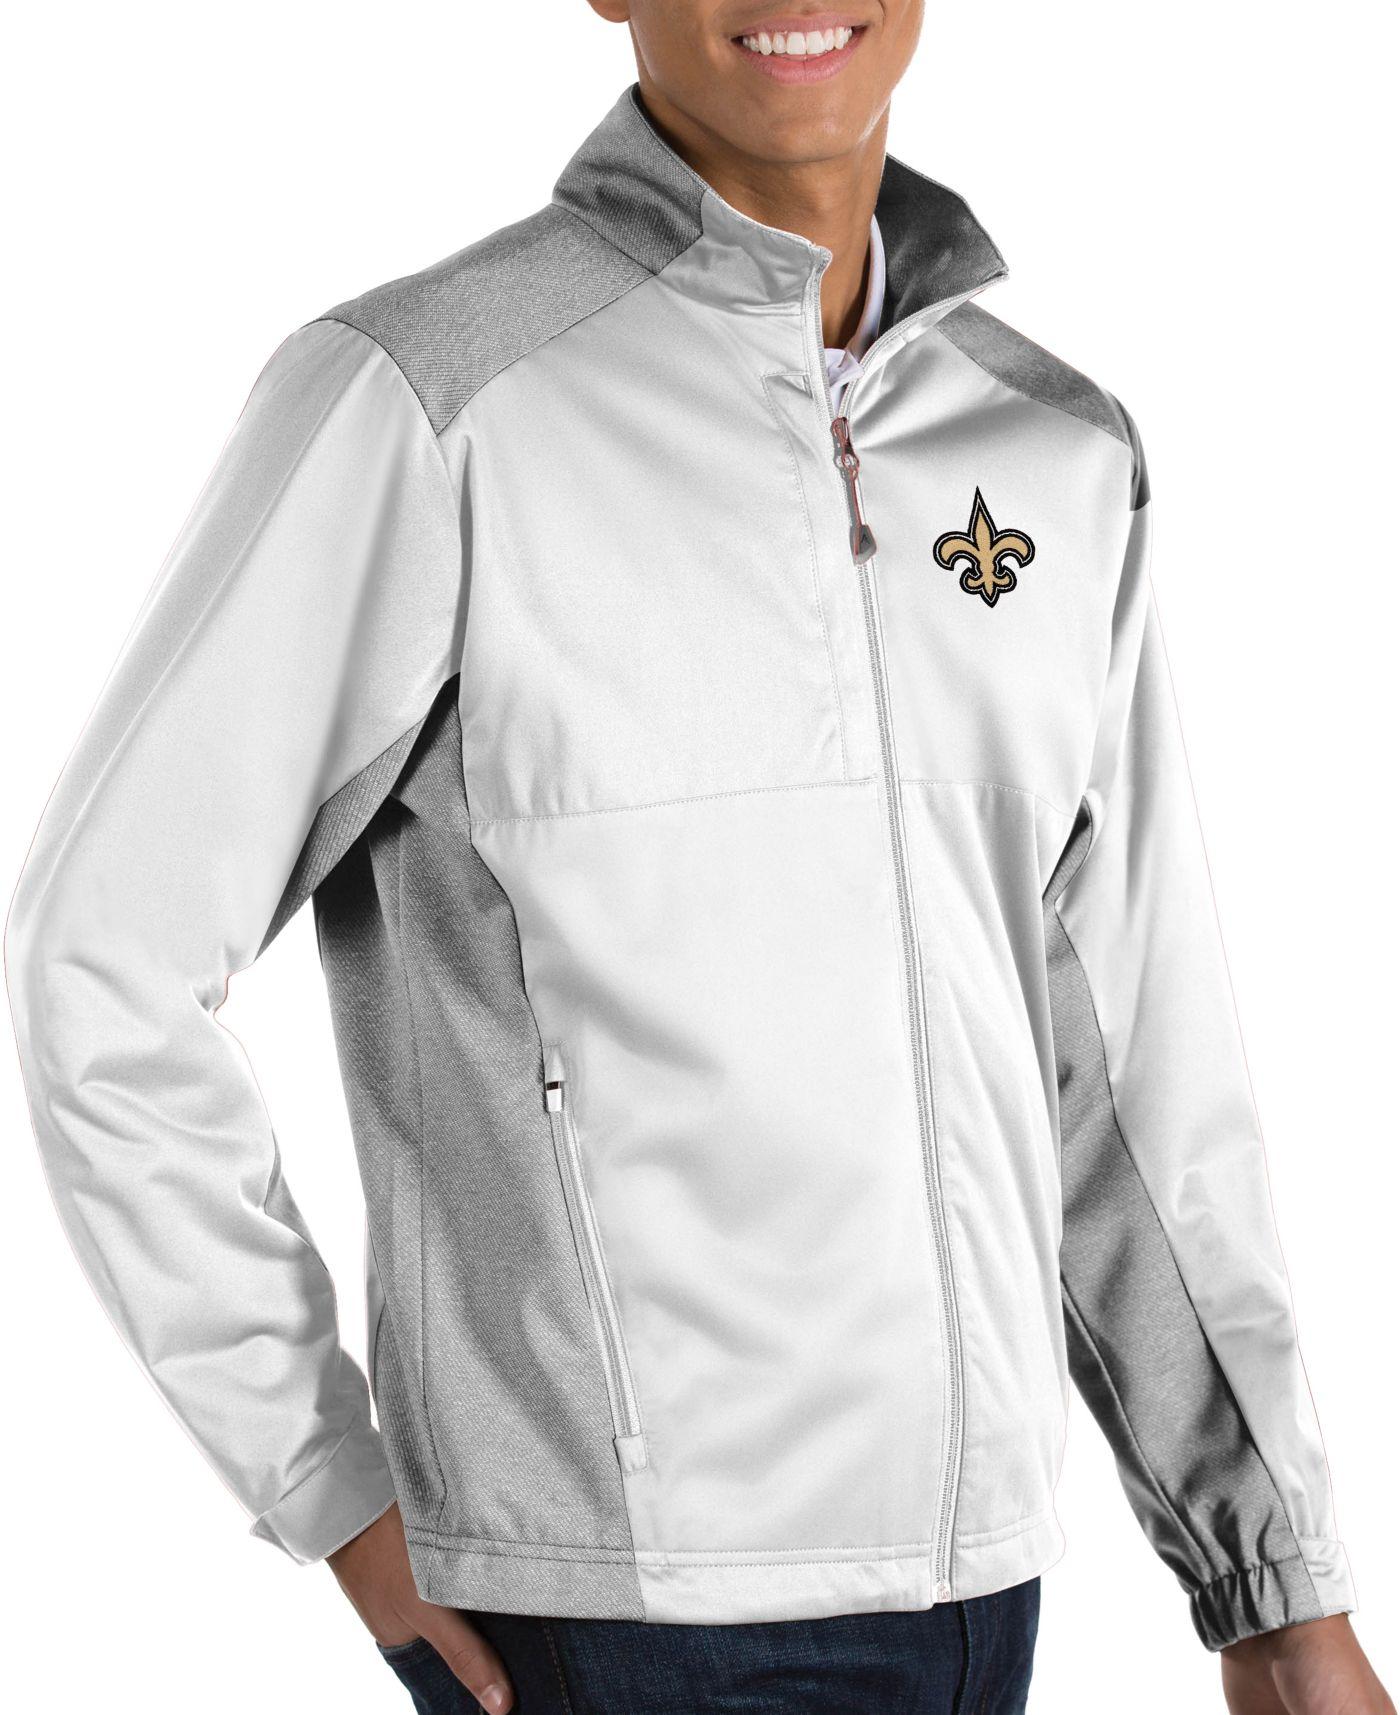 Antigua Men's New Orleans Saints Revolve White Full-Zip Jacket